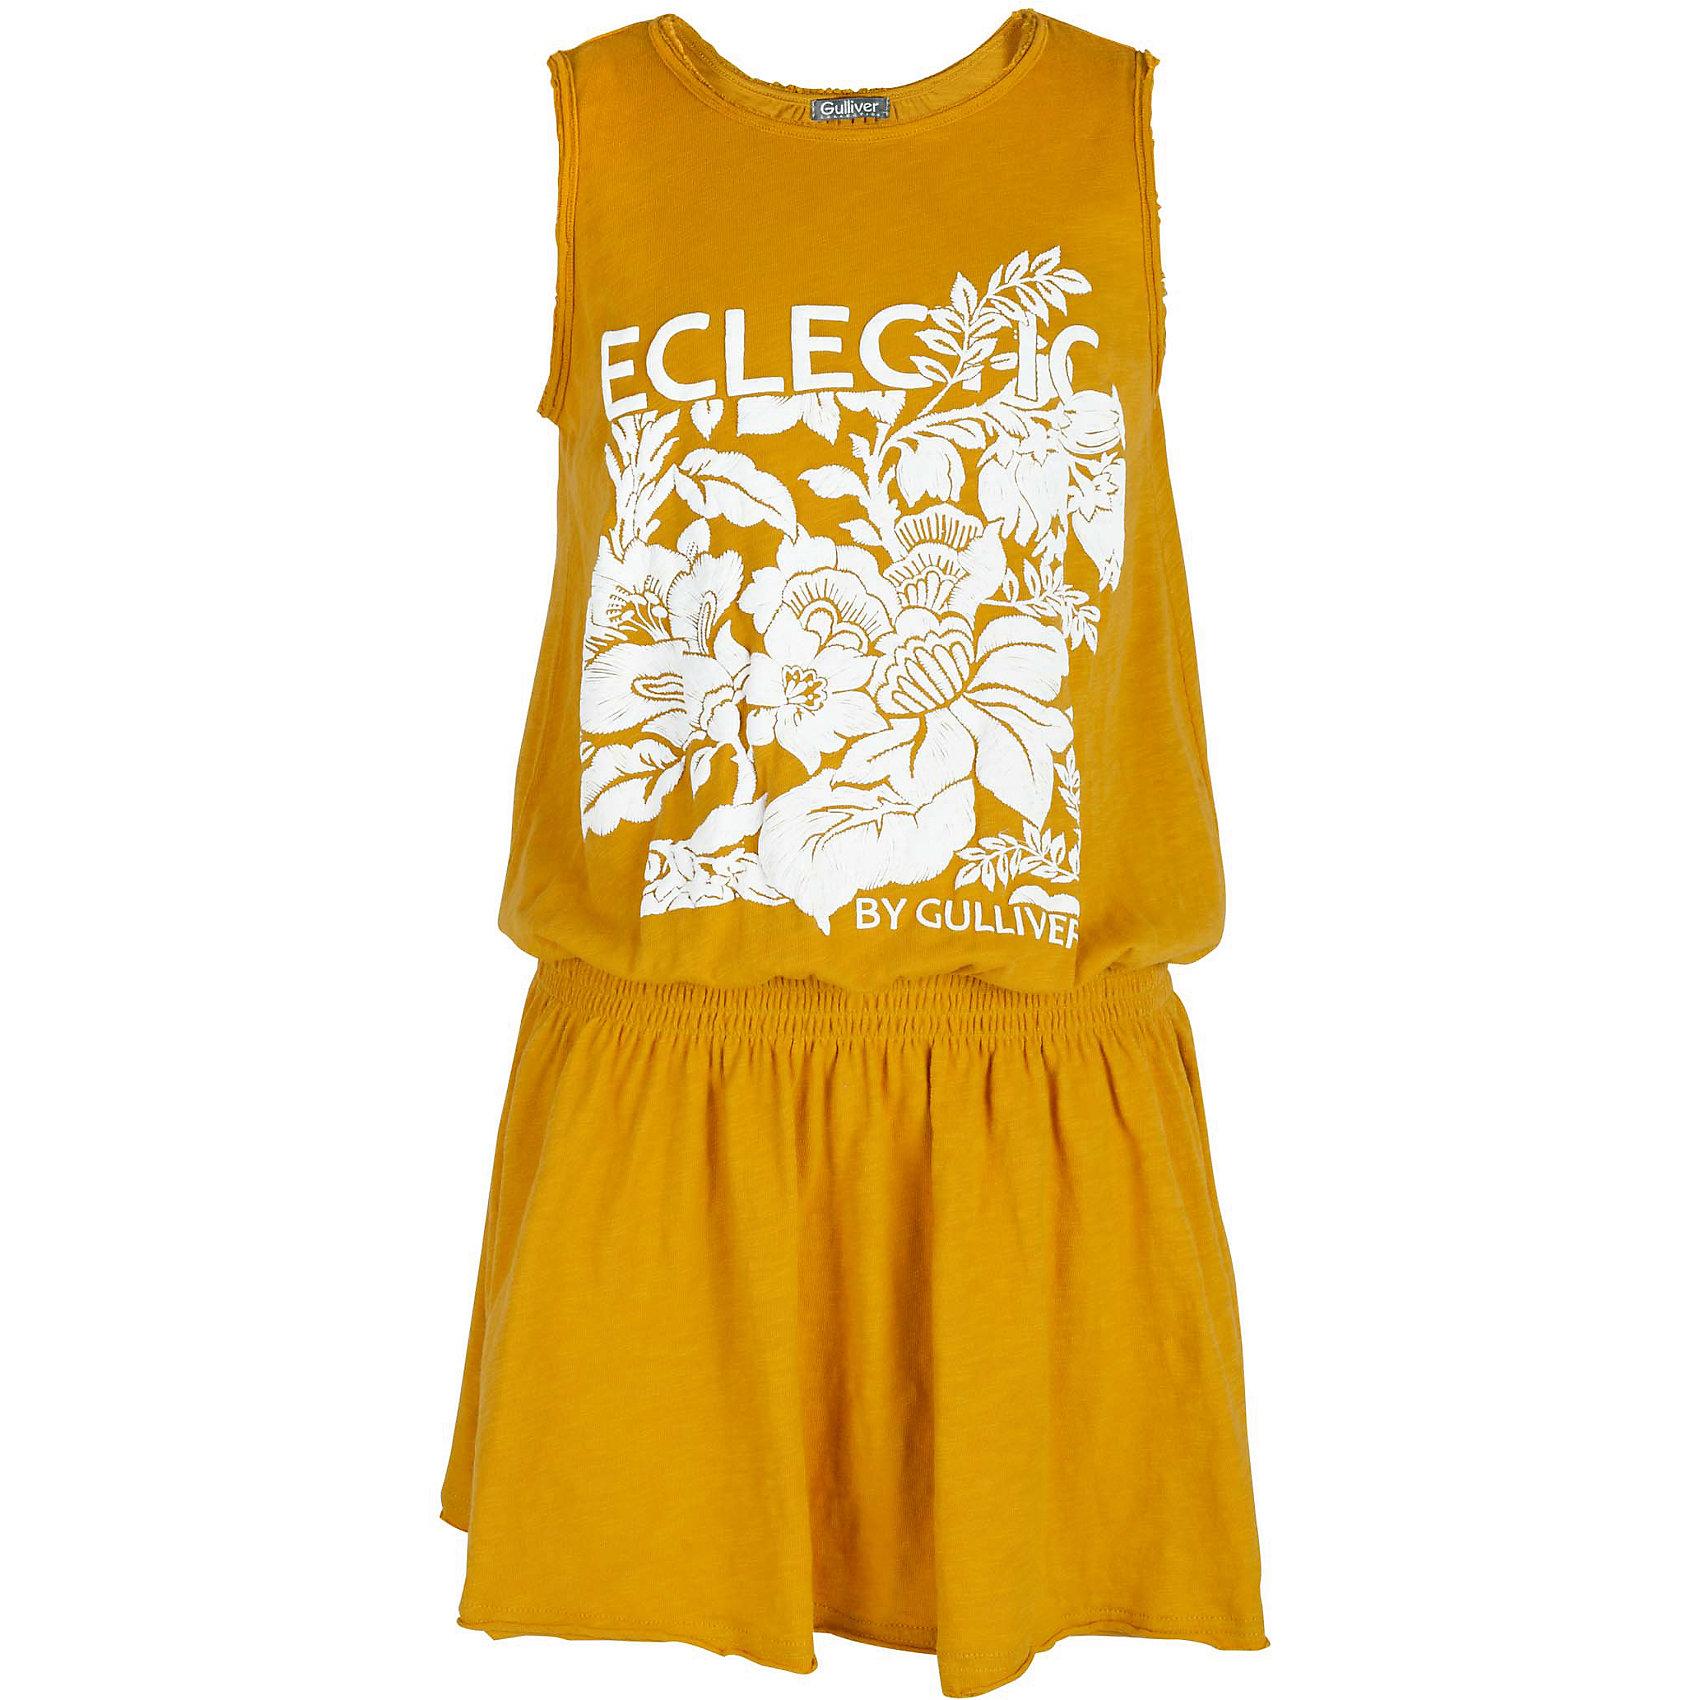 Платье для девочки GulliverПлатья и сарафаны<br>Замечательный сарафан для жаркого лета наверняка оценит и сама модница, и ее мама. Легкий, удобный, комфортный, сарафан создаст прекрасный внешний вид и подарит свободу движений. Трикотажное полотно обеспечит красивое и комфортное прилегание к телу, расклешенная юбка сделает образ девочки нежным и женственным. Белый объемный принт - яркий цветовой акцент модели, создающий настроение. Одним словом, если вы планируете купить сарафан на каждый день для красоты и комфорта ребенка, эта модель - то, что нужно!<br>Состав:<br>100% хлопок<br><br>Ширина мм: 236<br>Глубина мм: 16<br>Высота мм: 184<br>Вес г: 177<br>Цвет: желтый<br>Возраст от месяцев: 108<br>Возраст до месяцев: 120<br>Пол: Женский<br>Возраст: Детский<br>Размер: 140,122,128,134<br>SKU: 5484021